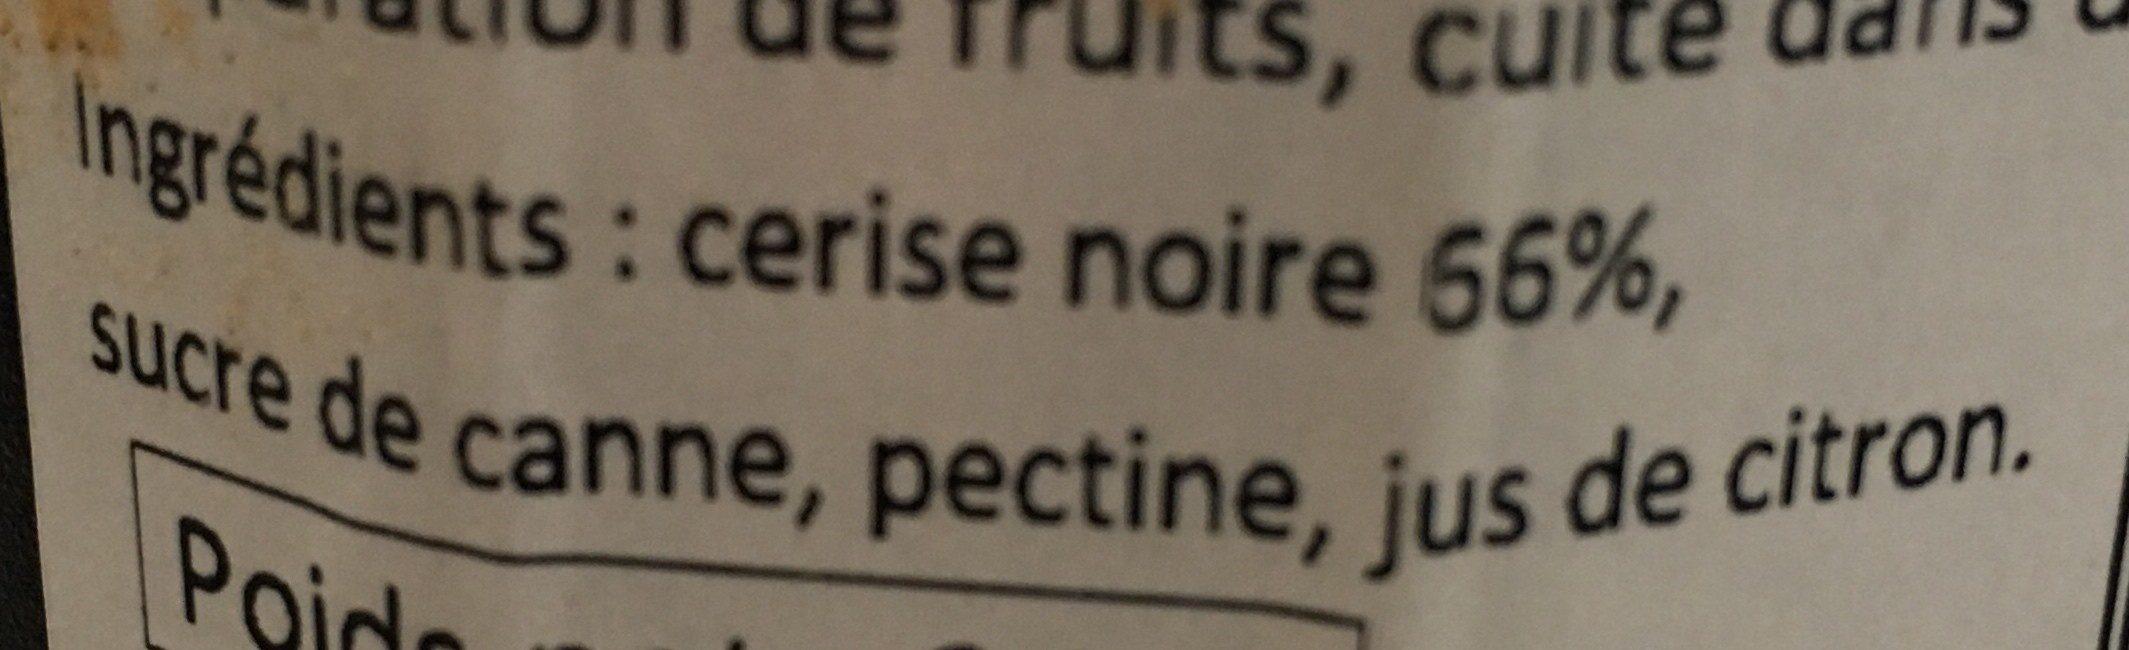 Confitude de cerise noire - Ingrédients